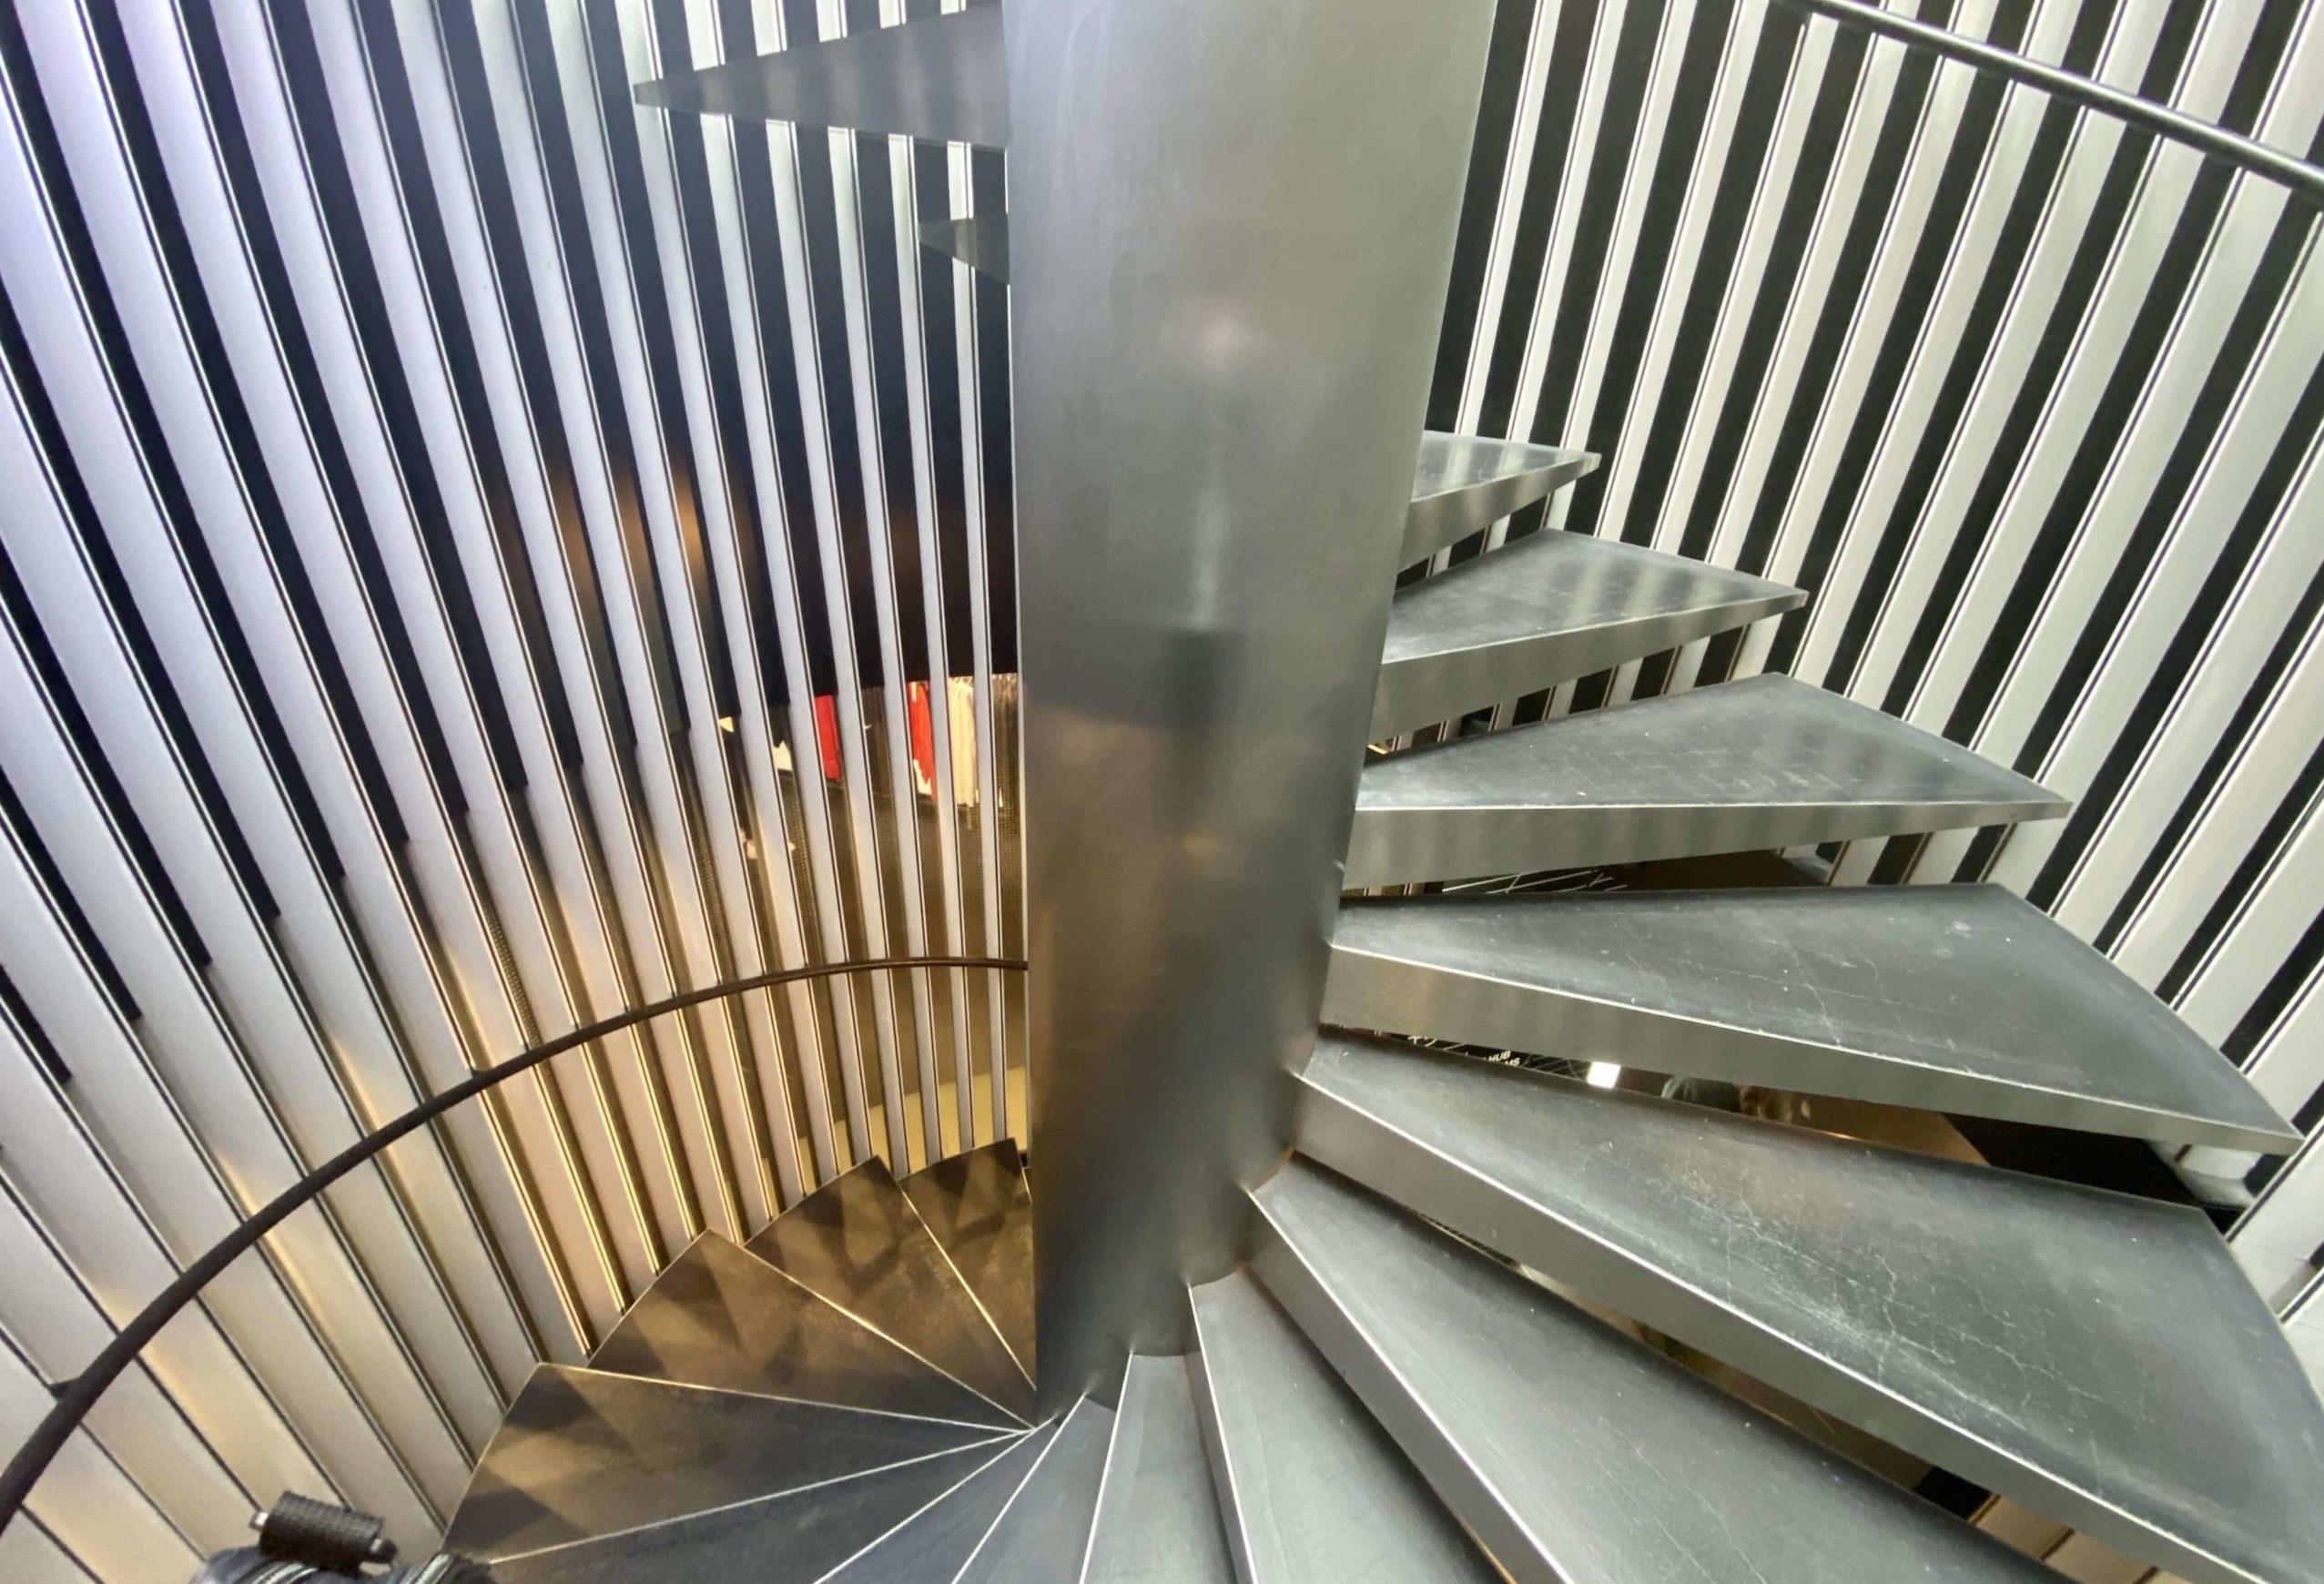 ナイキ原宿の螺旋階段でジョーダンへ